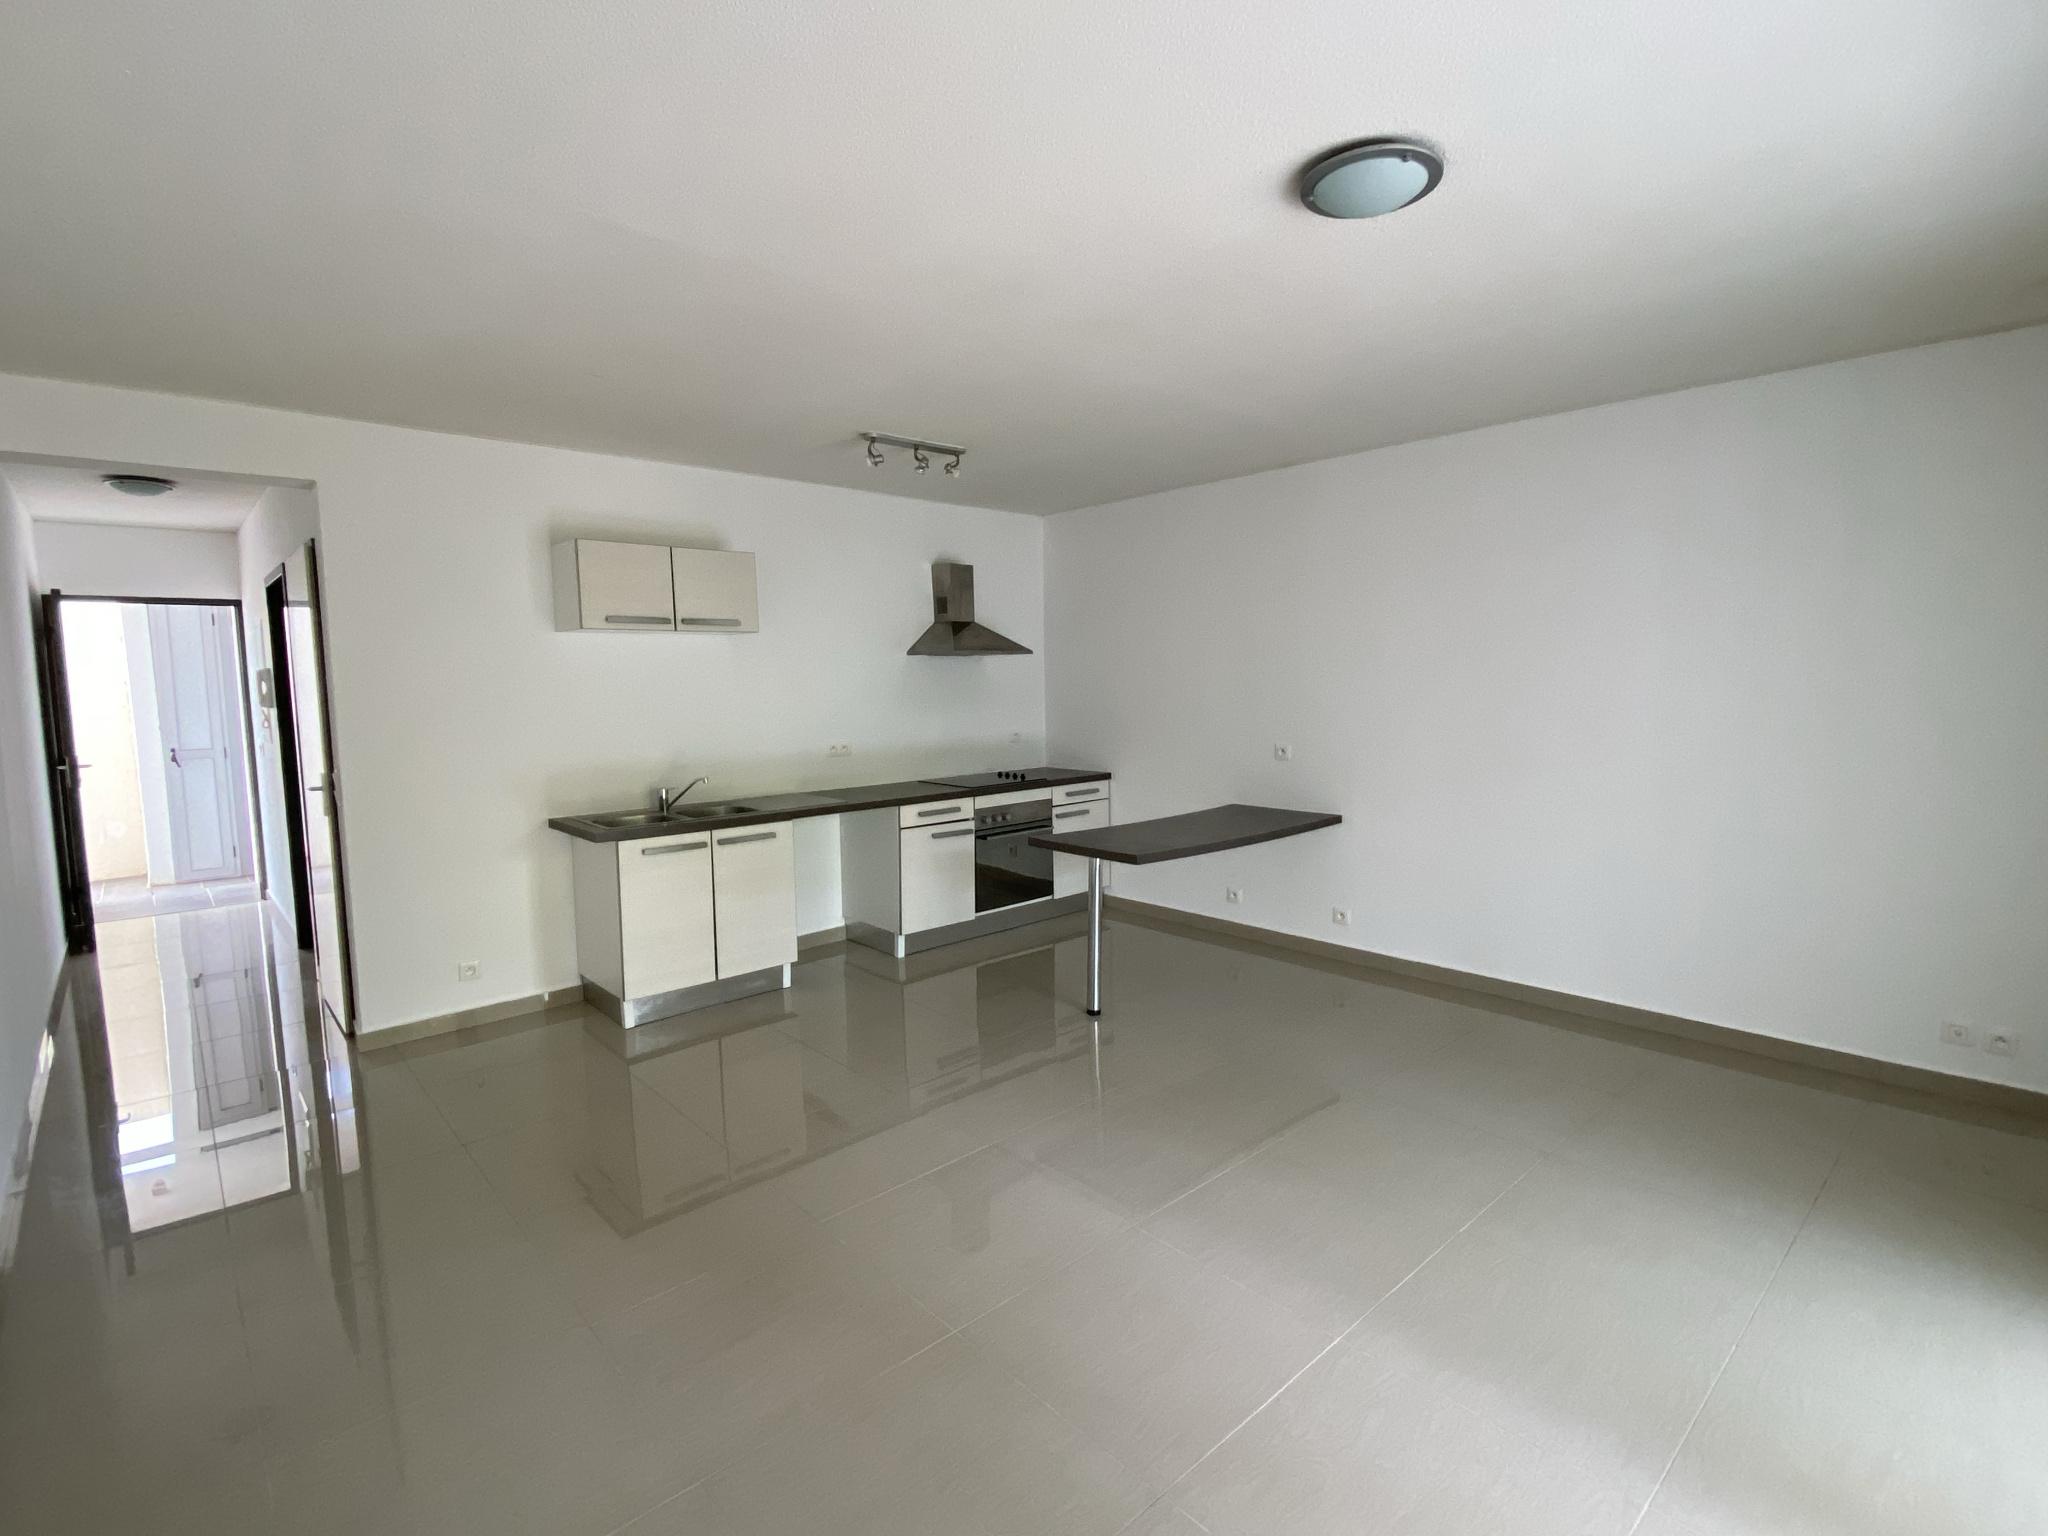 Salle de séjour comprenant une cuisine